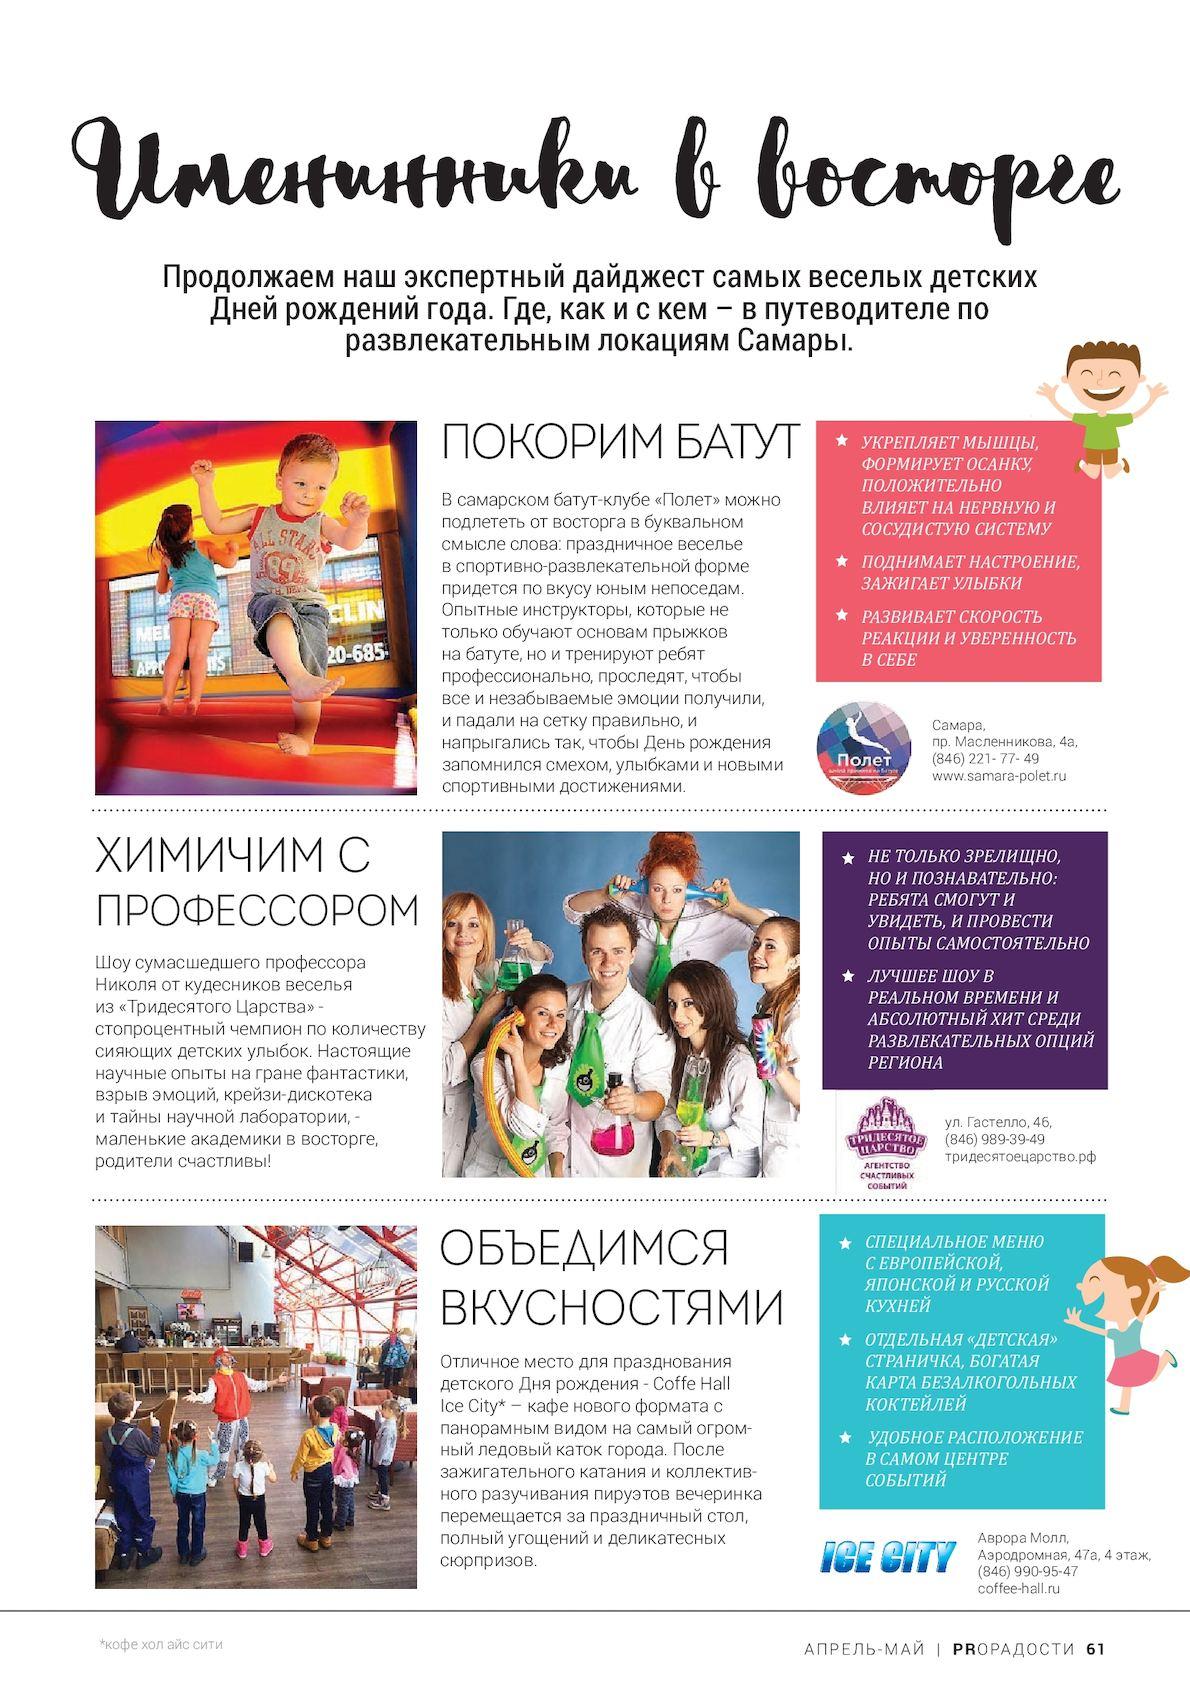 служба знакомст одесский форум апрель май 2018